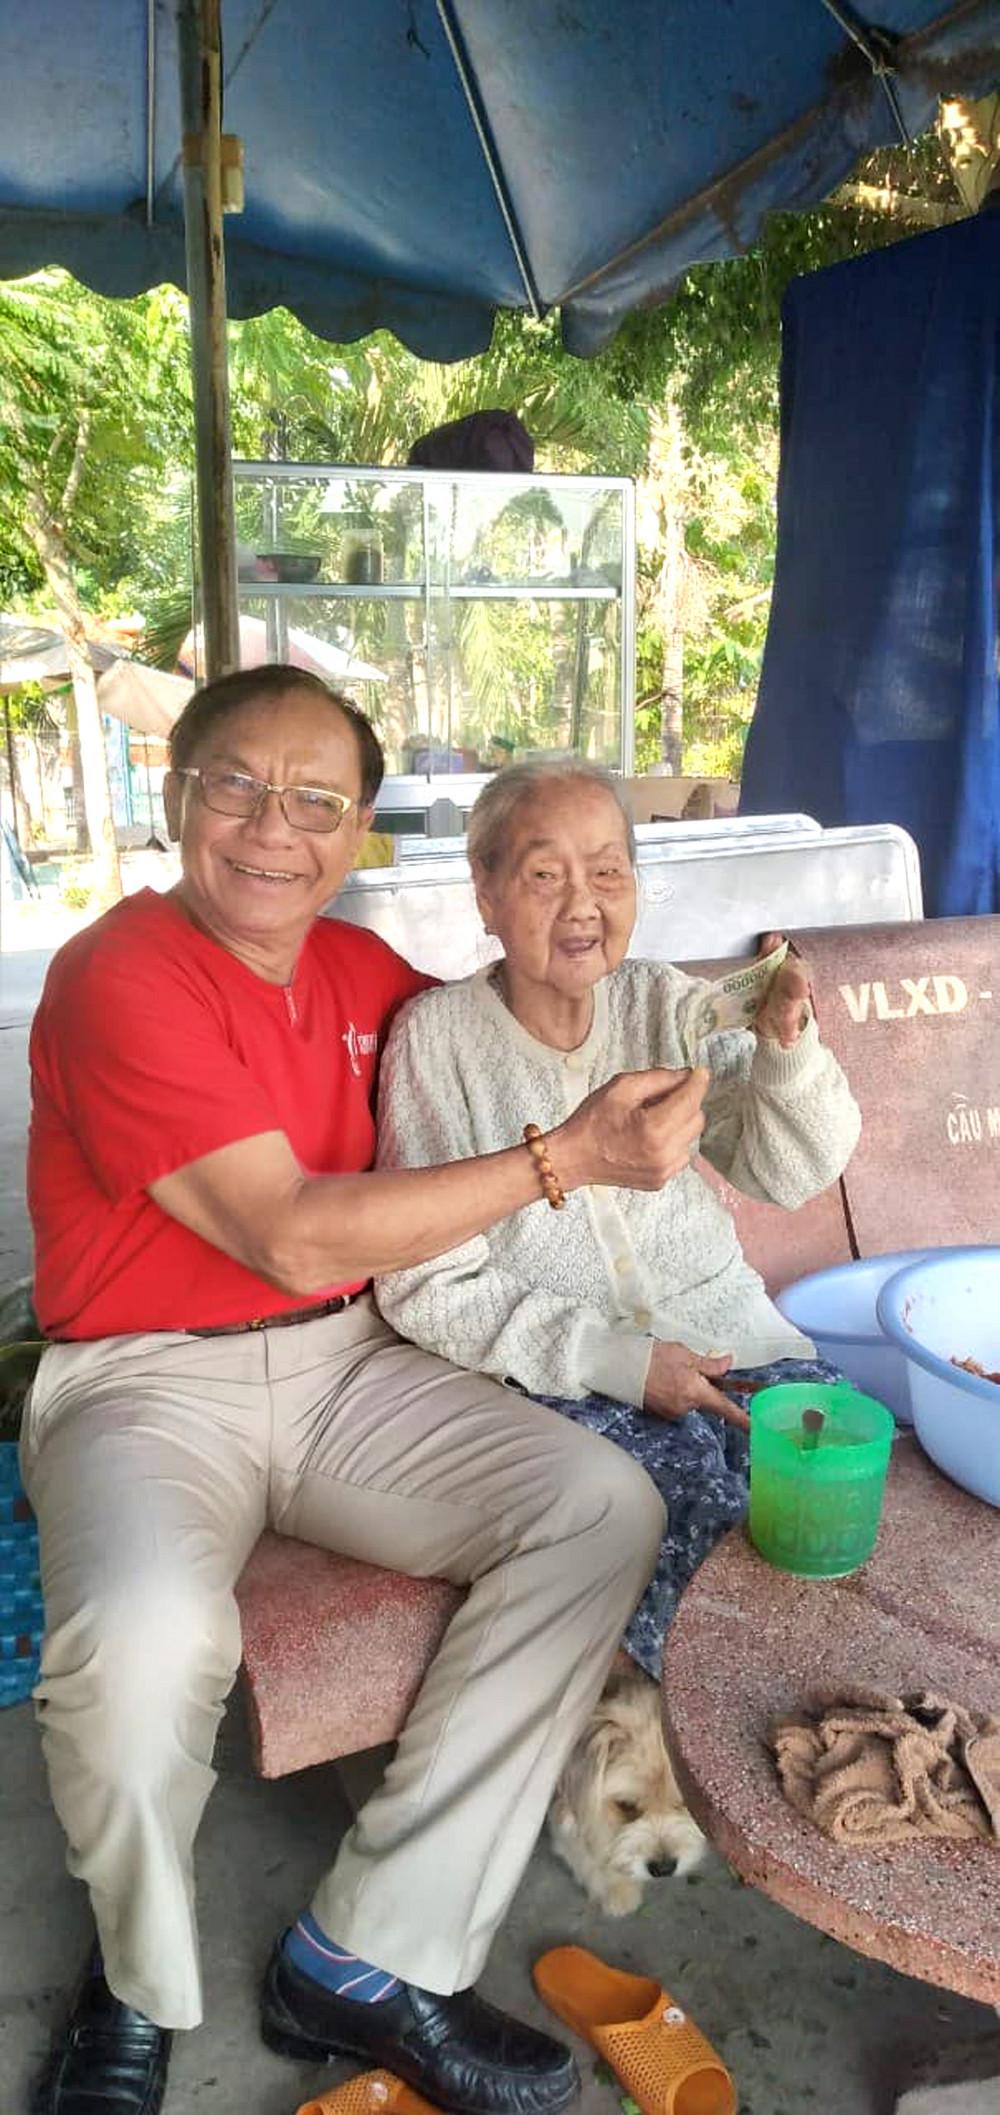 Bà Huỳnh Thị Năm cười vui khi được con rể cho tiền, bà thích có đồng ra đồng vào để đếm mỗi ngày